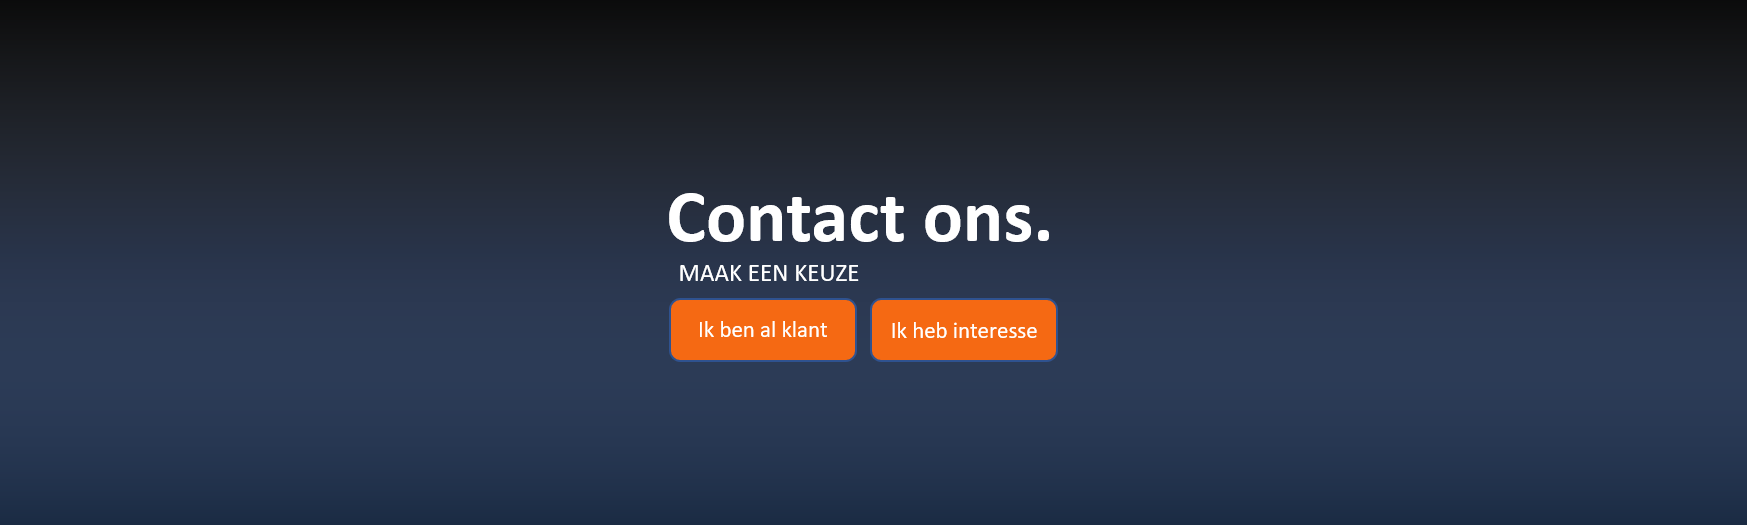 Contact ons. Contactpagina